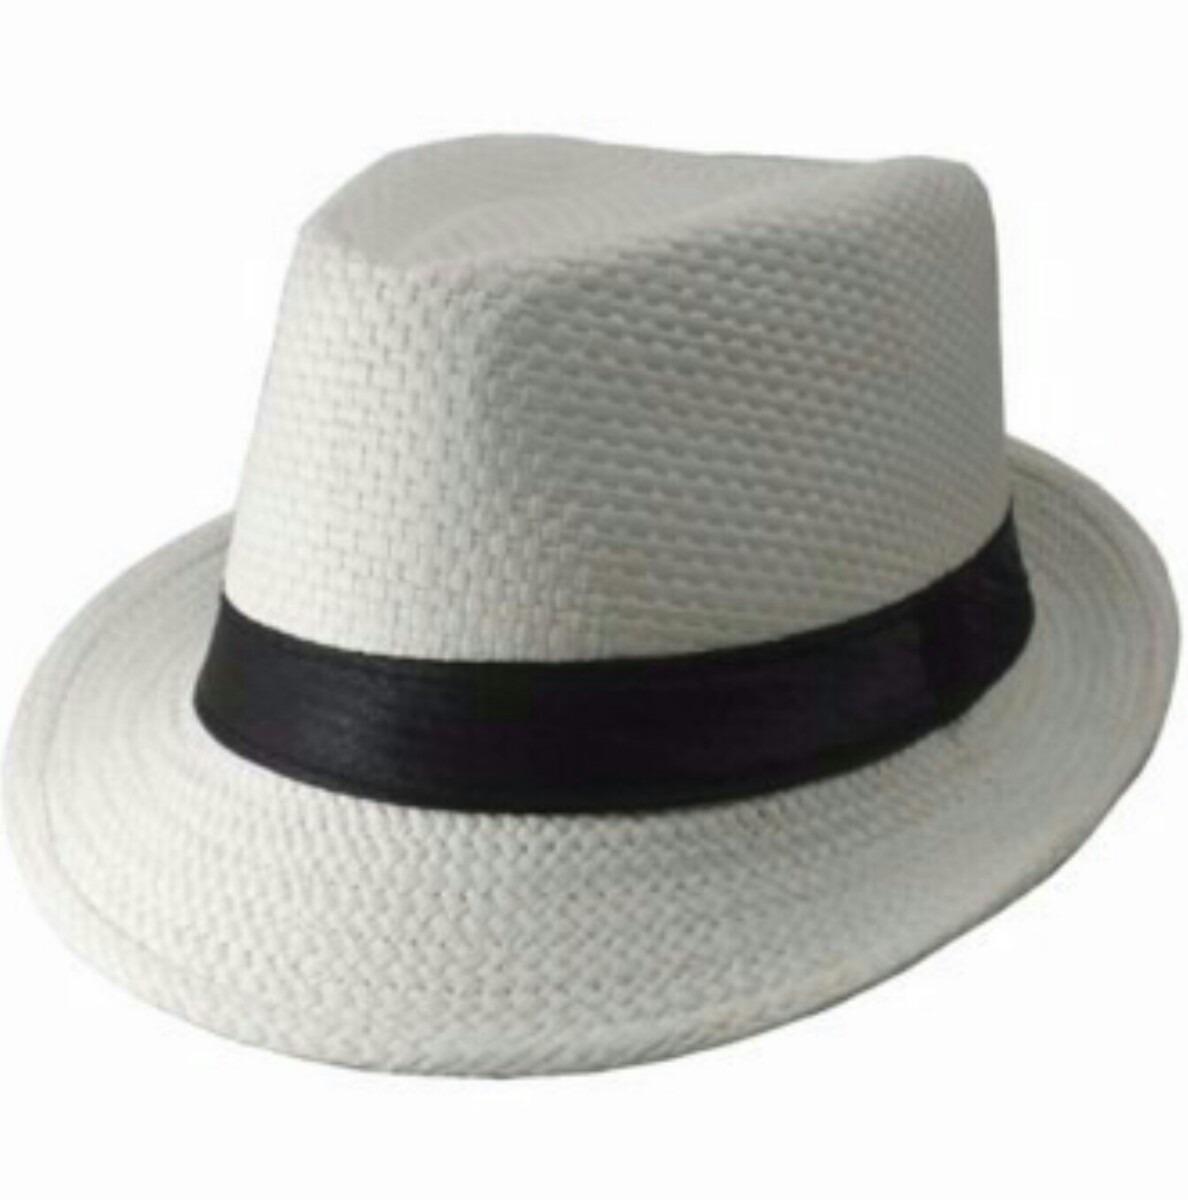 6a6cf9a7807d6 chapéu panamá moda casual praia feminino masculino. Carregando zoom.